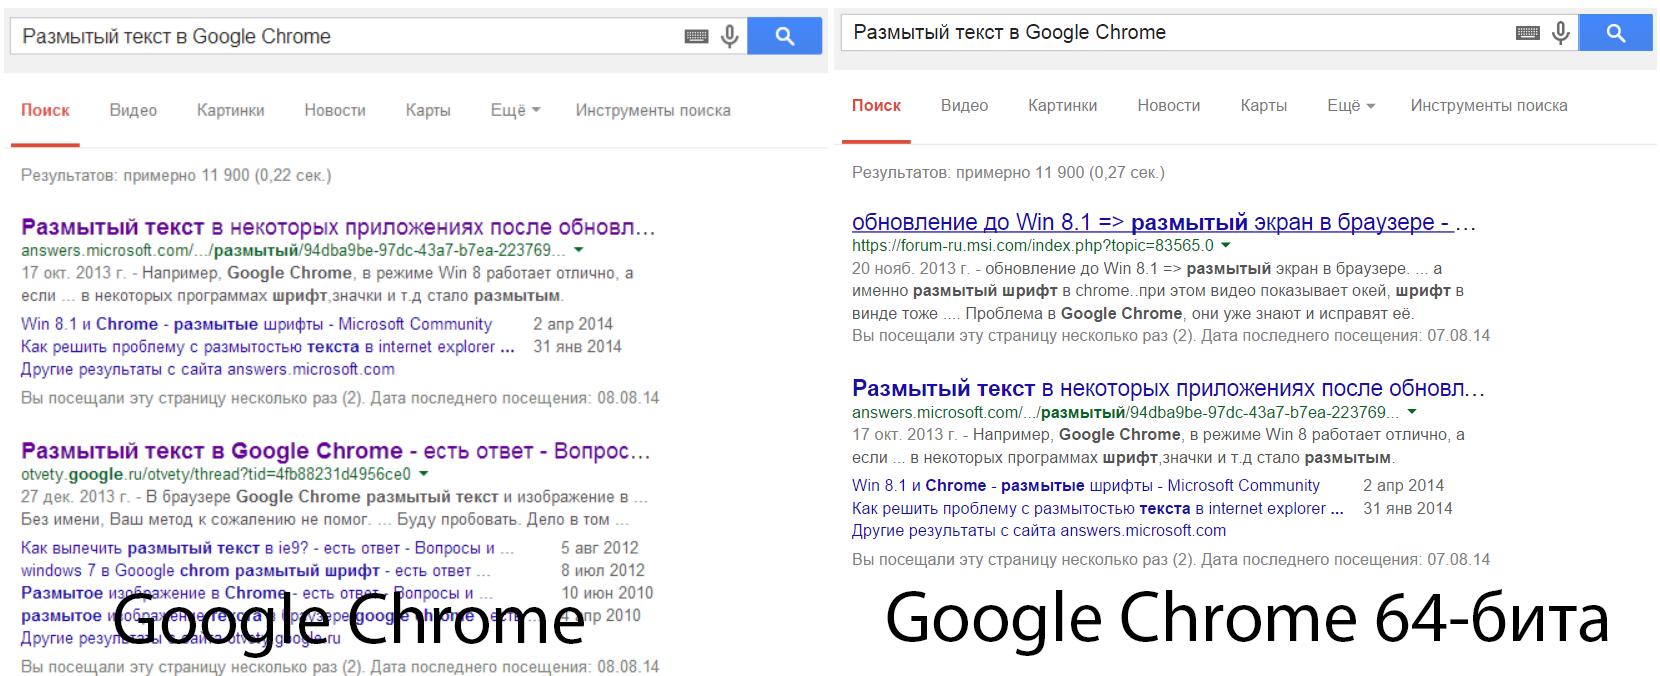 Сравнение Chrome